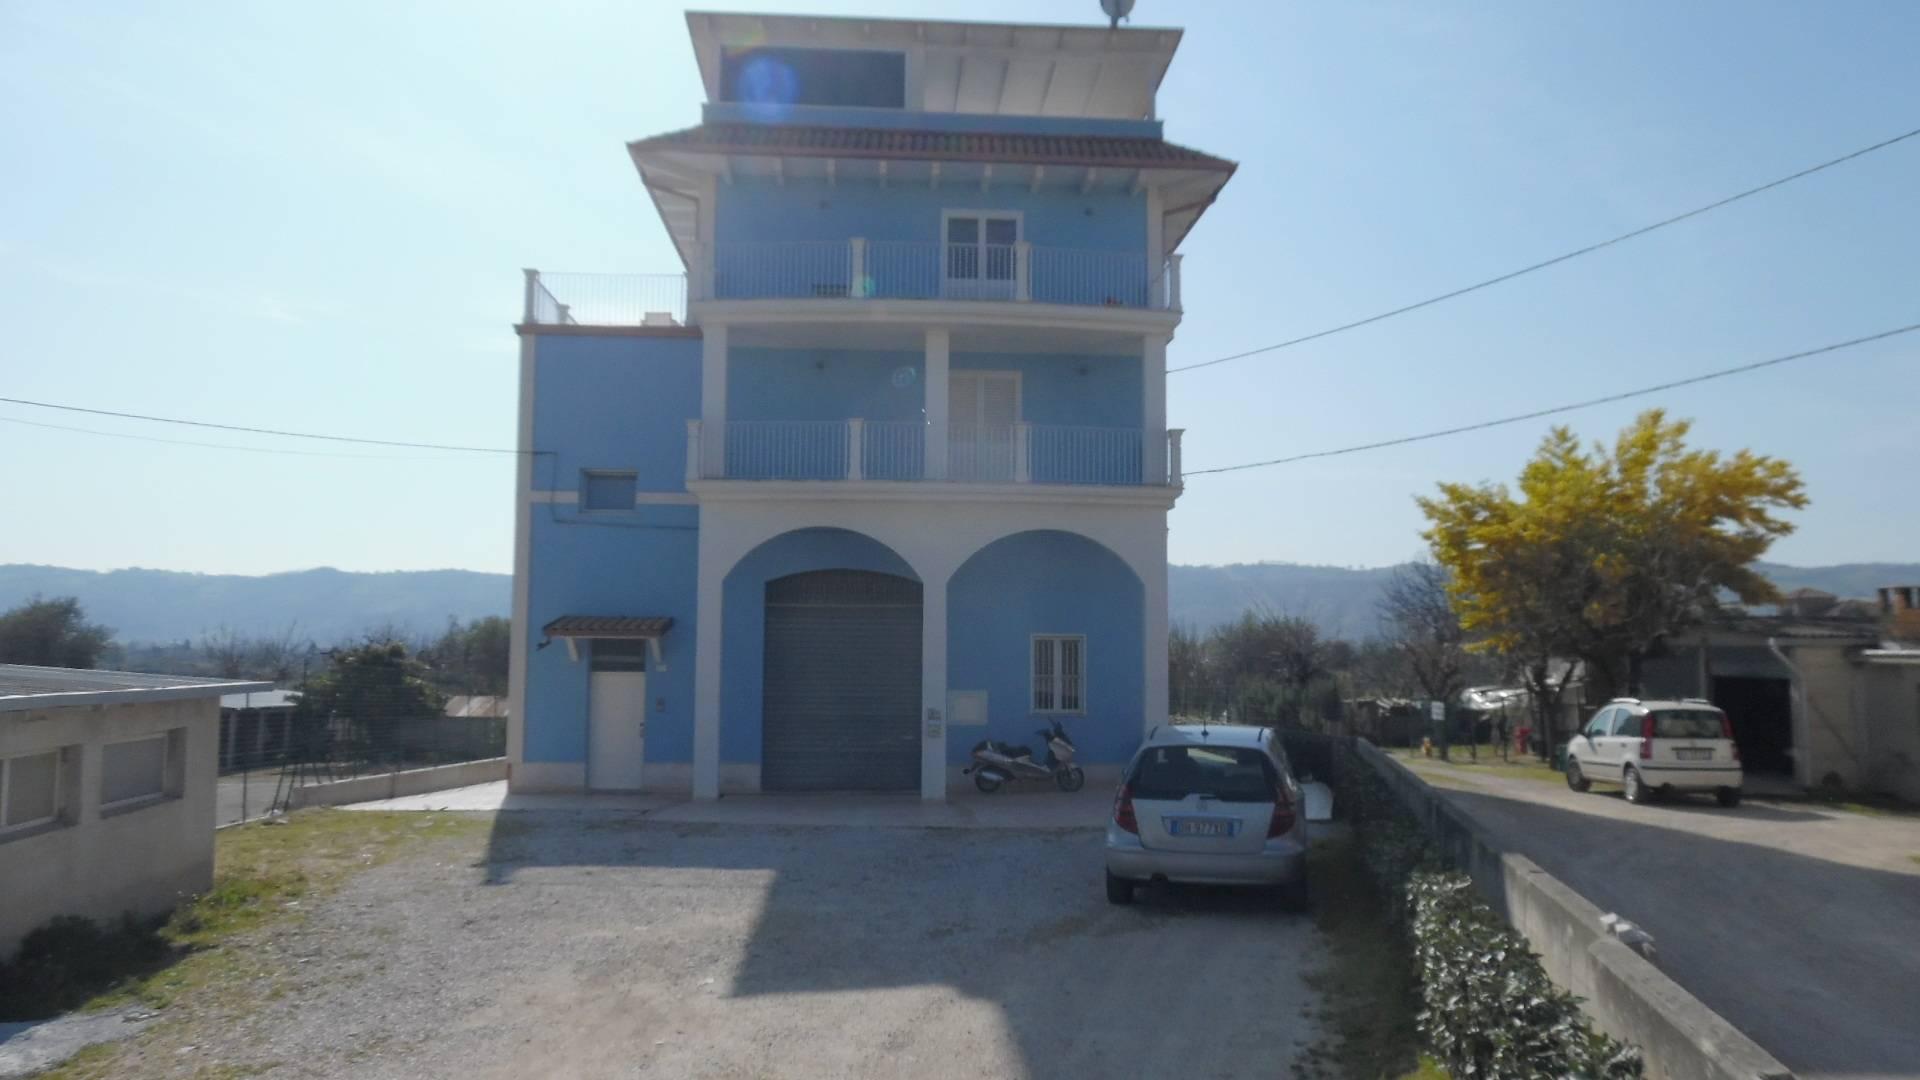 Negozio / Locale in affitto a Monsampolo del Tronto, 9999 locali, zona Località: StelladiMonsampolo, prezzo € 600 | Cambio Casa.it